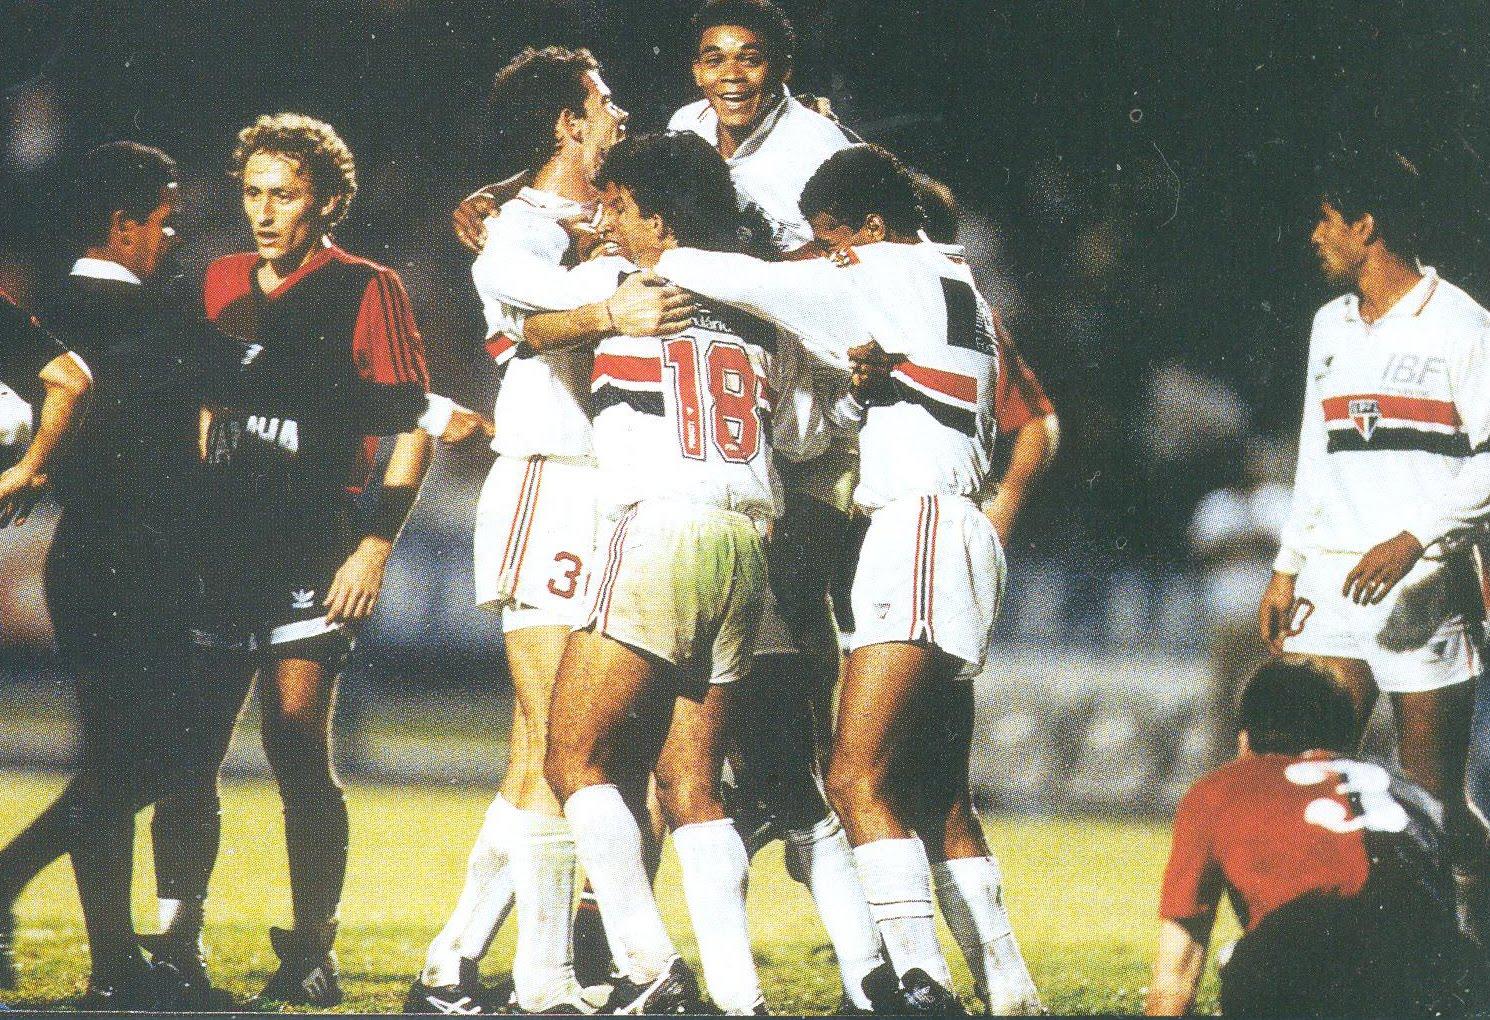 Jogadores comemoram marcação de pênalti para o Tricolor (Foto: Reprodução)